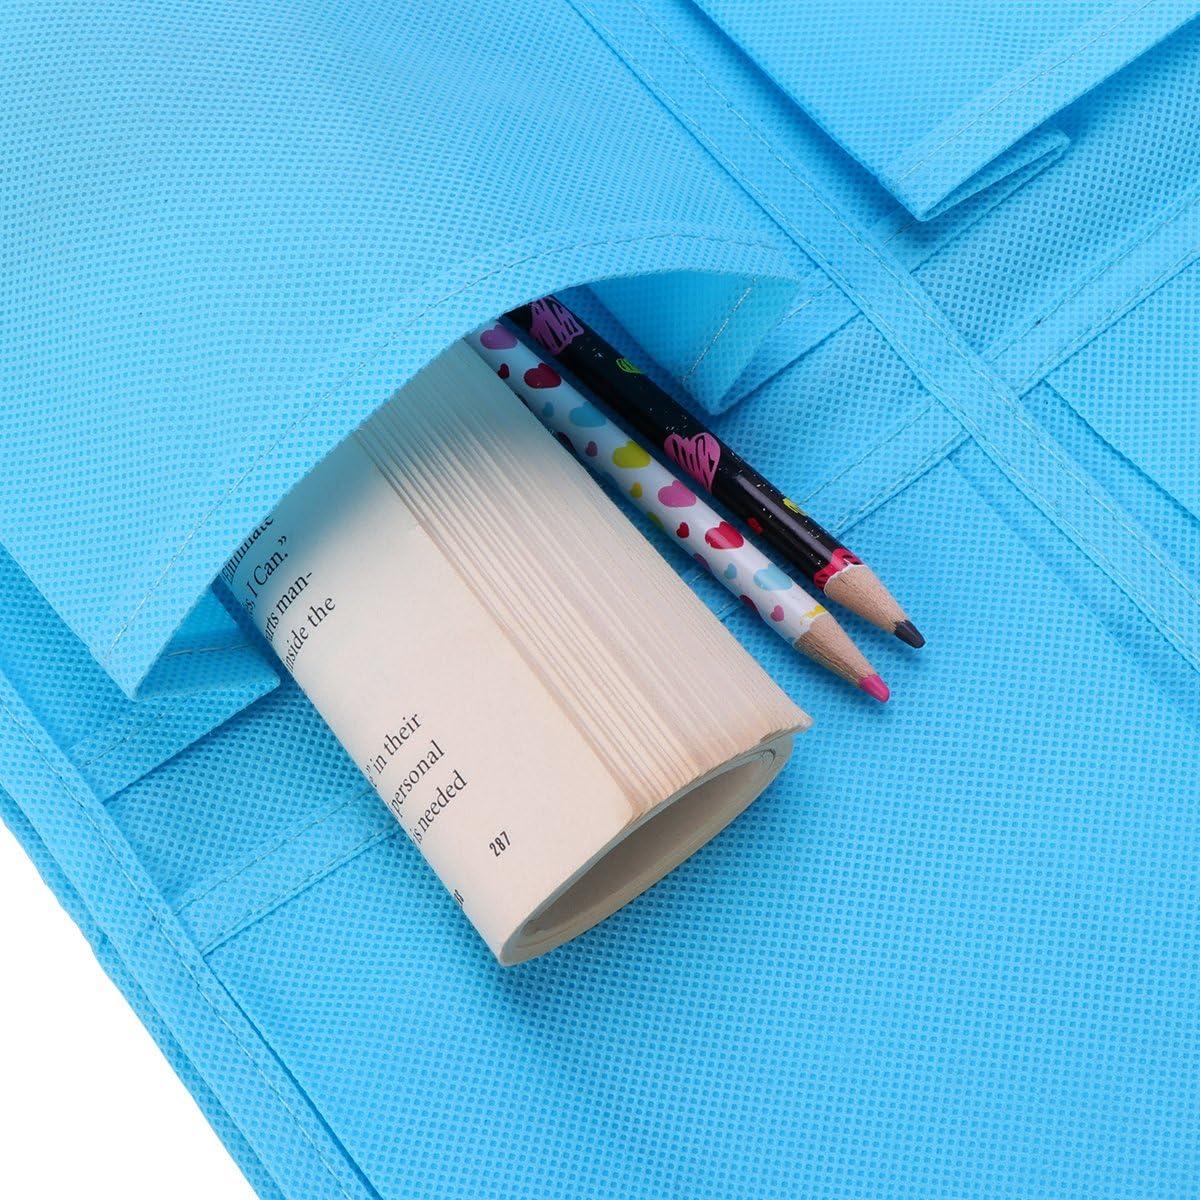 Bleu Yardwe 2 pcs 12 Poches Non-tiss/é sur Porte Suspendu Sac Multi-Couche Chaussure Rack Cintre Organisateur de Stockage